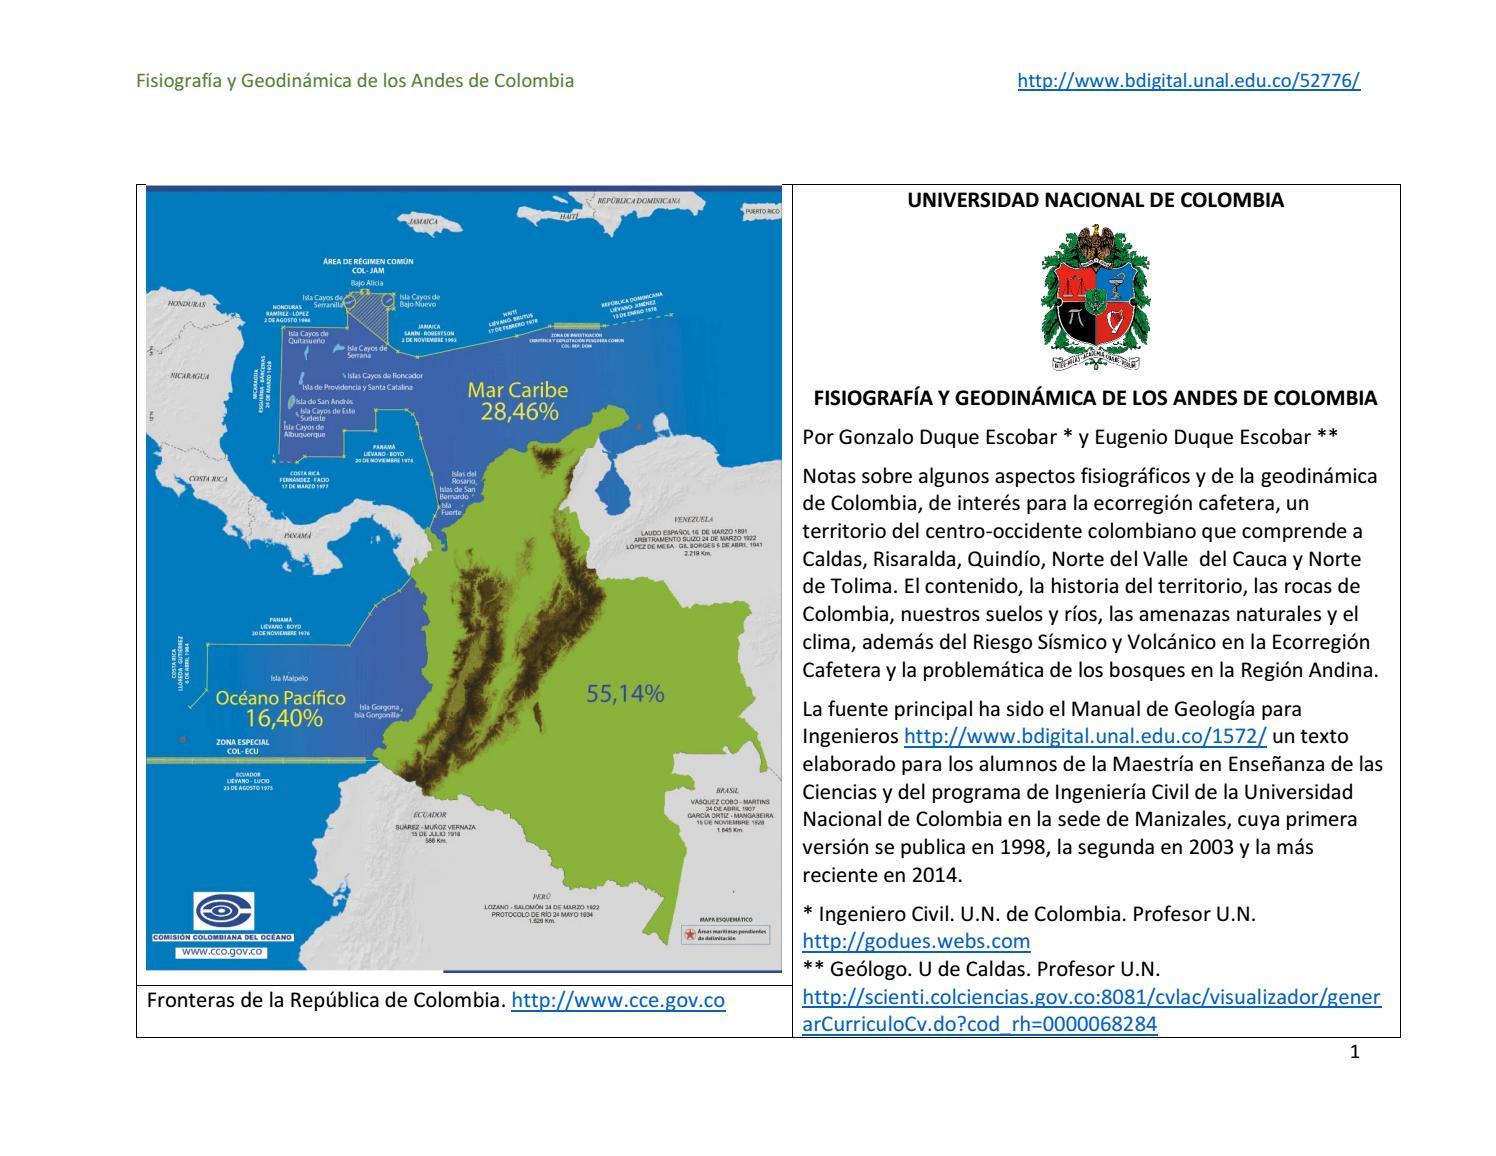 Colombiana La Plata a delgadita 29 años 2543